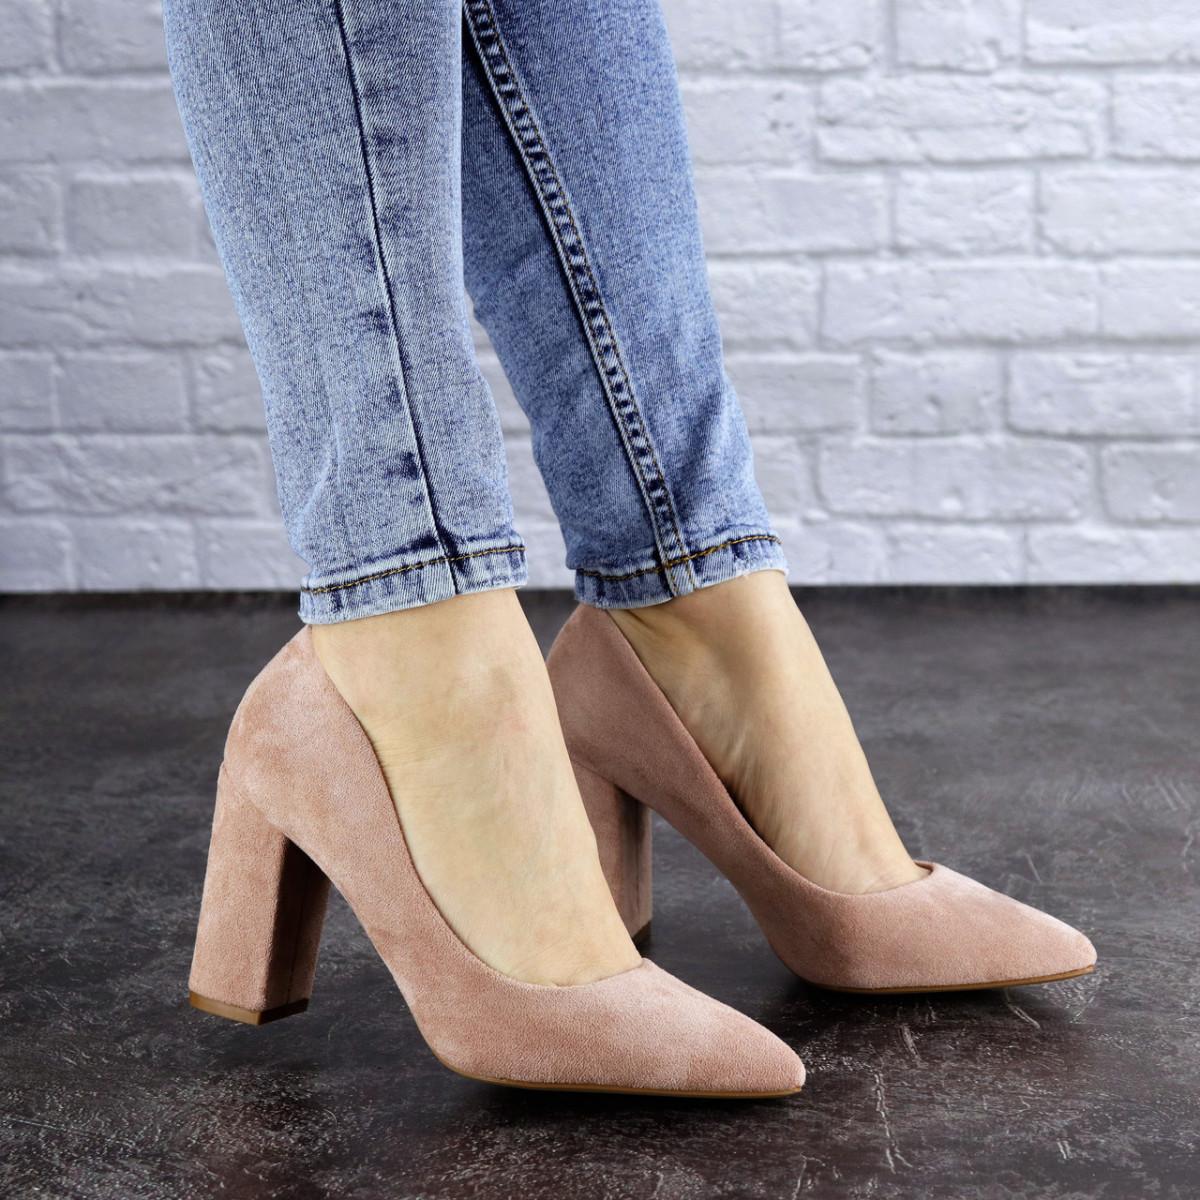 Женские туфли на каблуке розовые Gouda 1941 (37 размер)